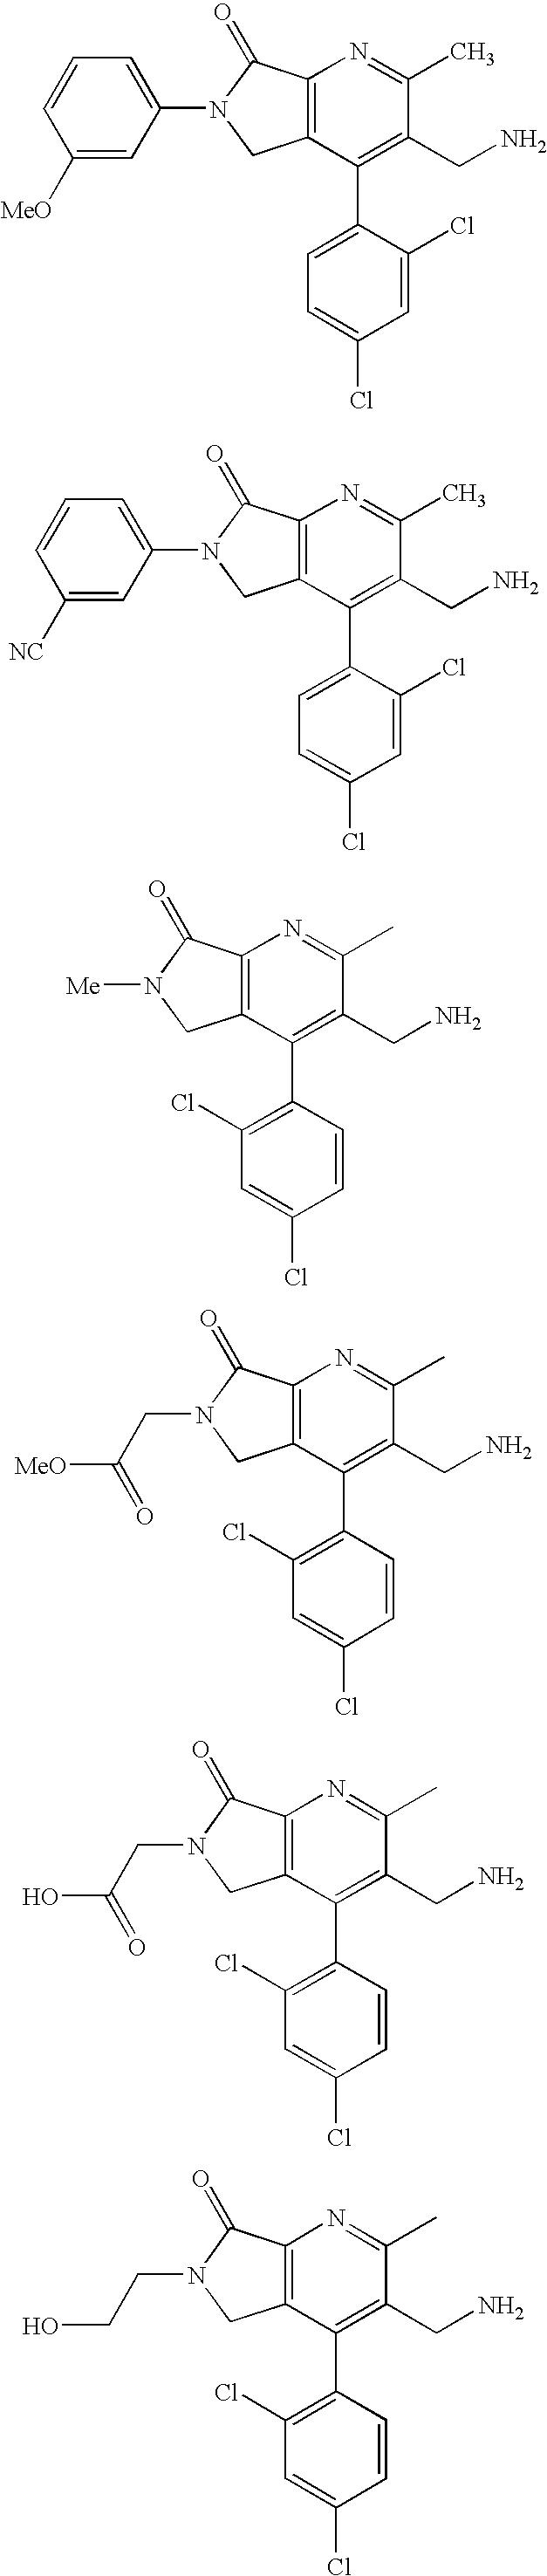 Figure US07521557-20090421-C00307